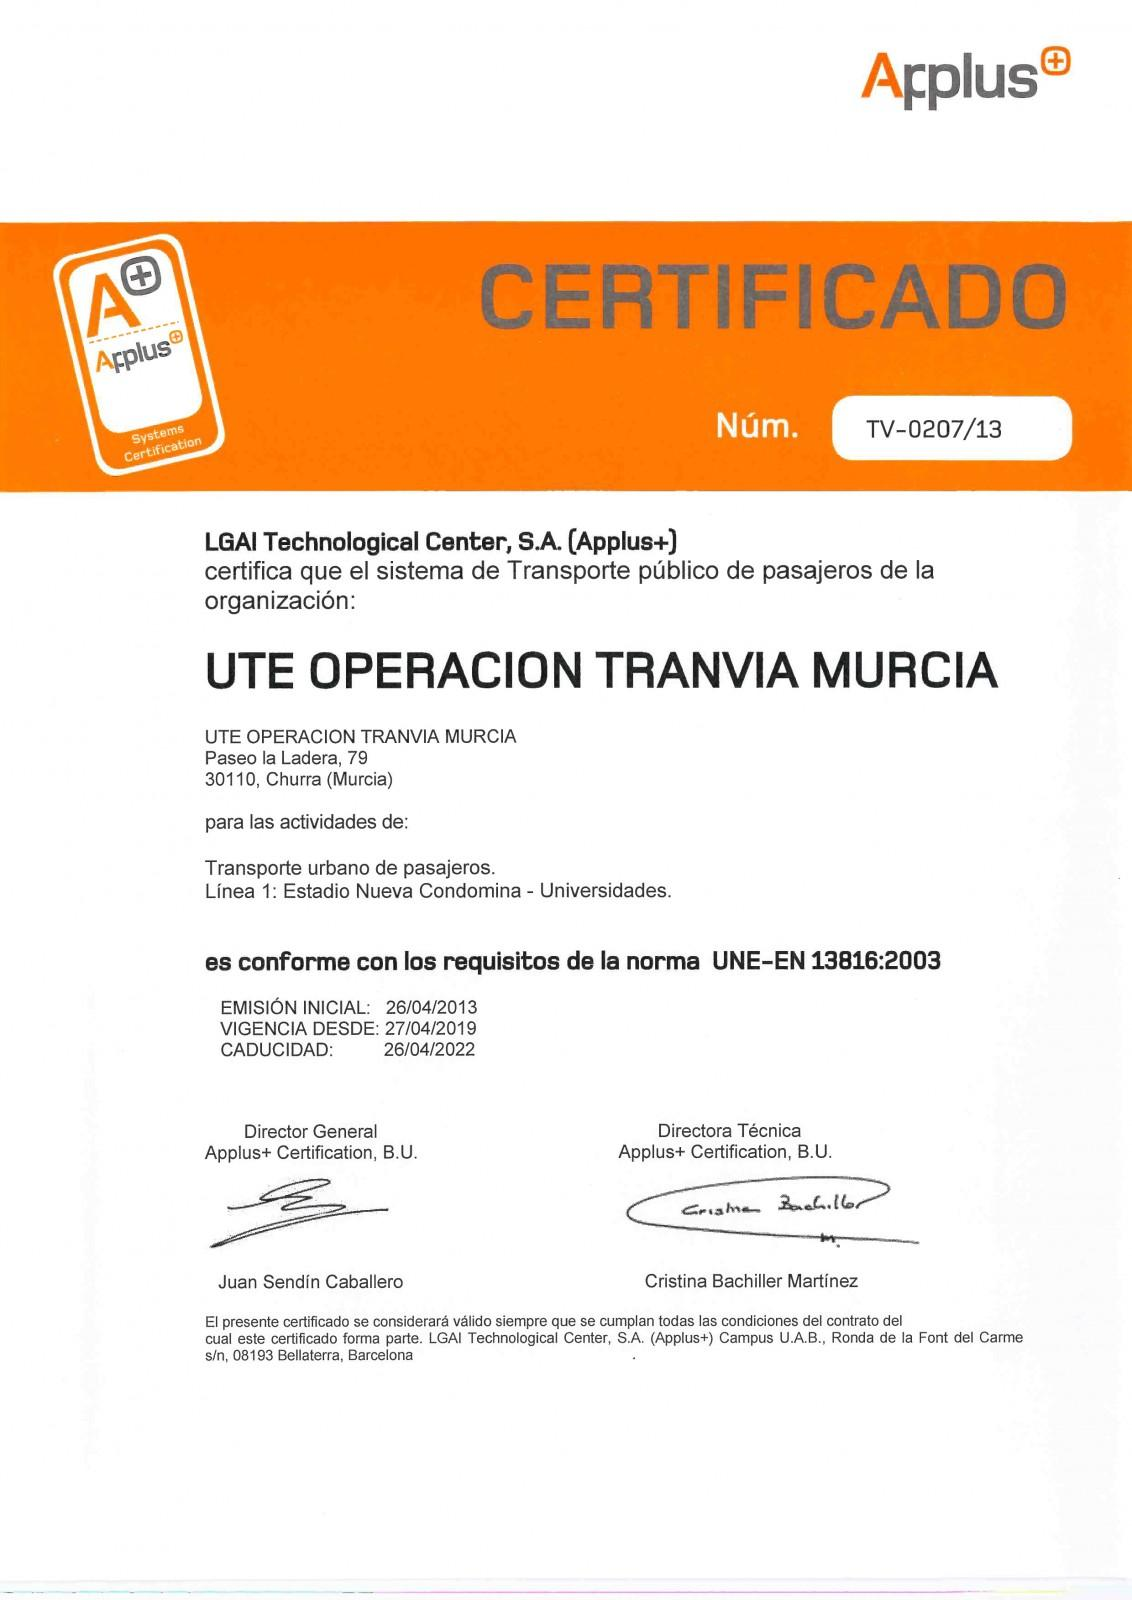 Certificado UNE en 13816